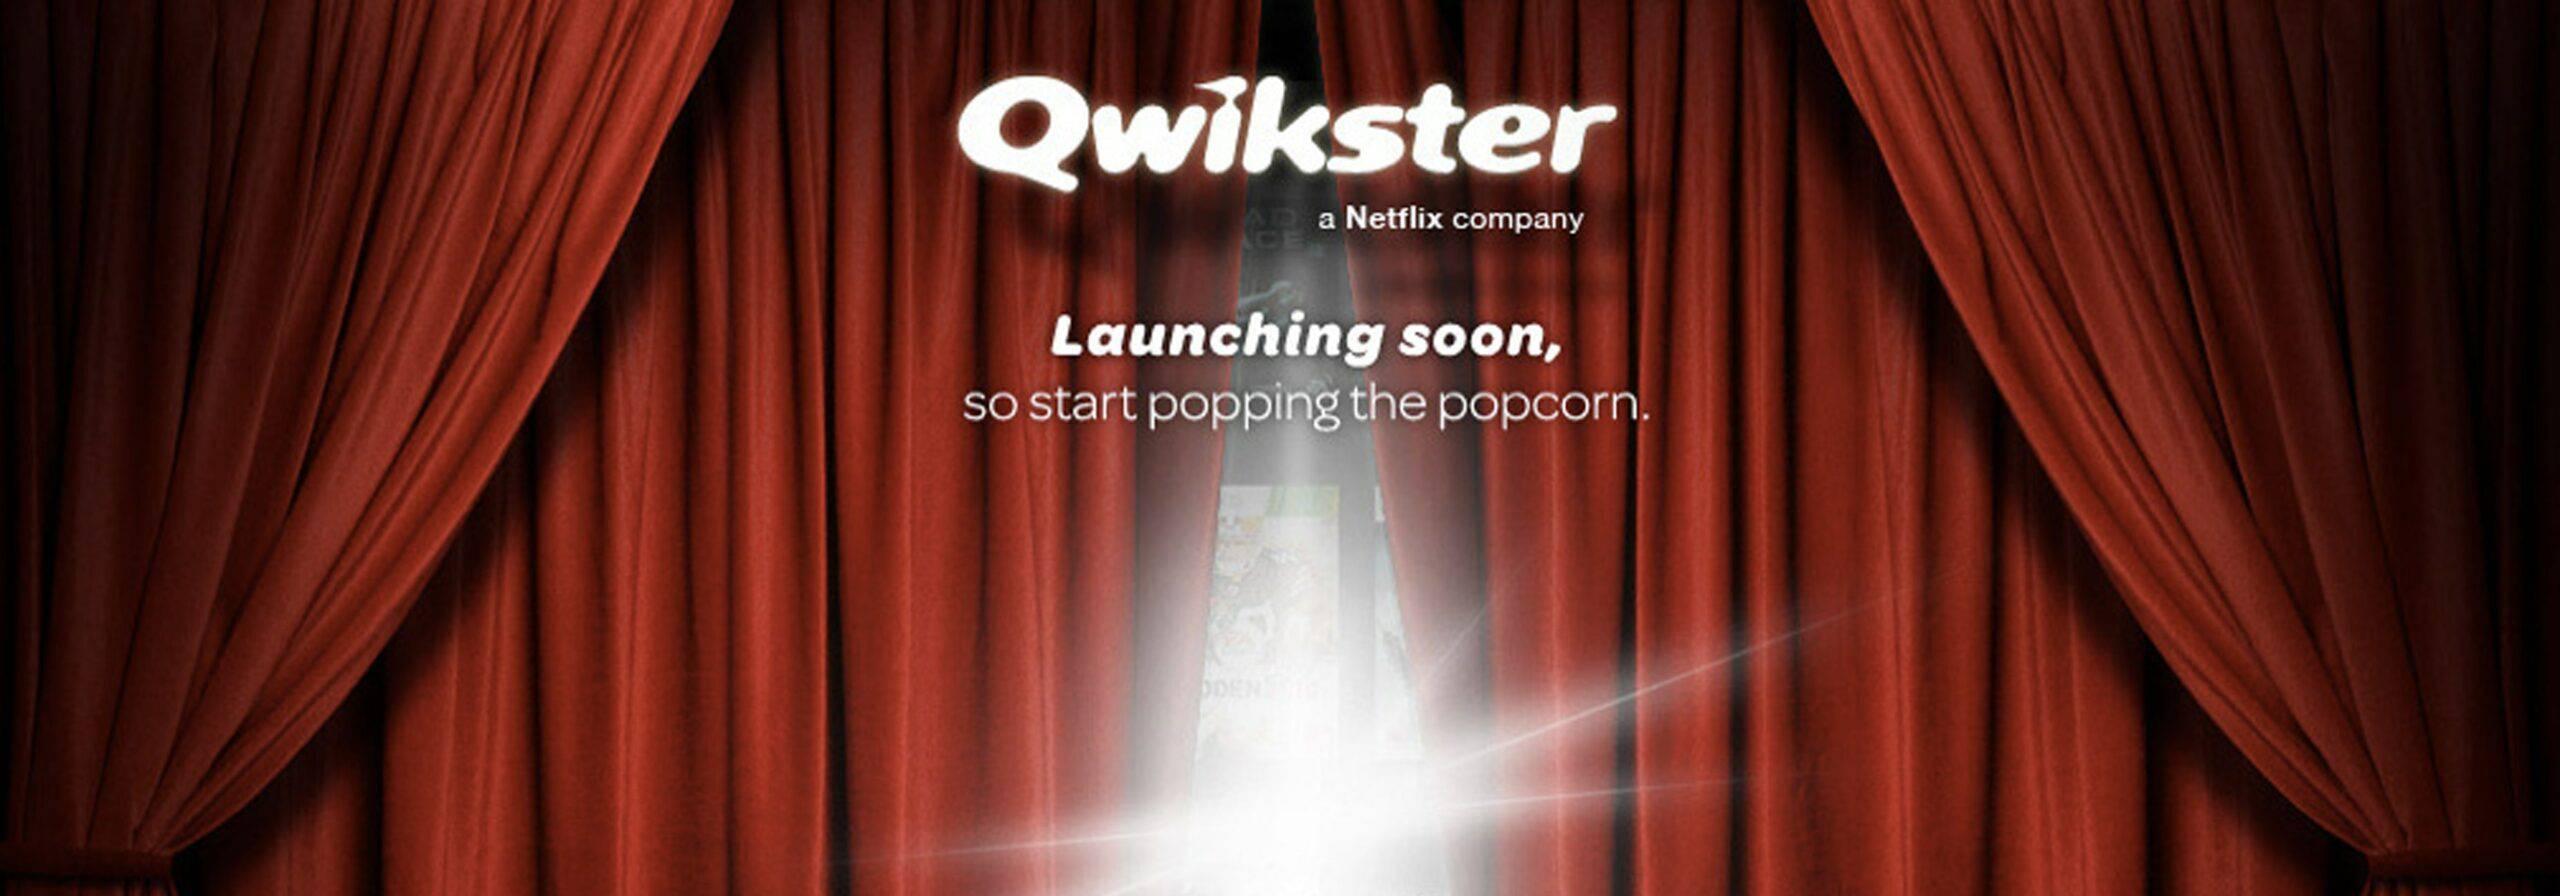 Netflix's Qwikster DVD service